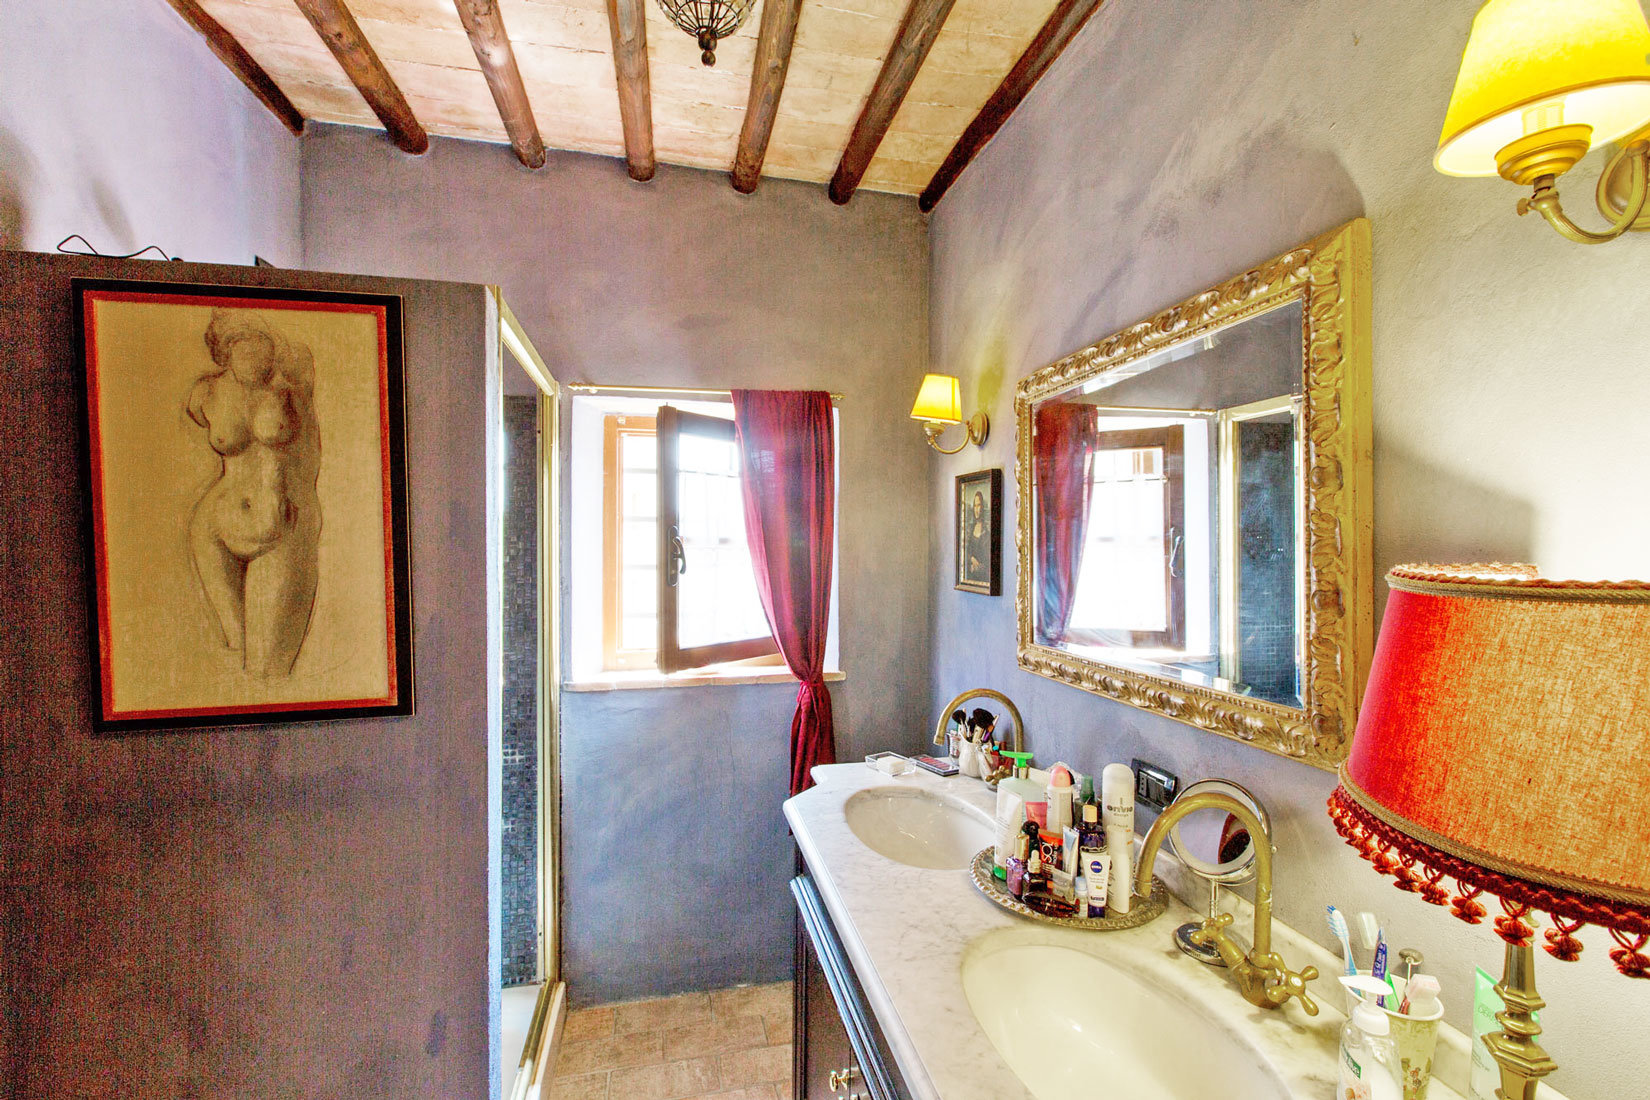 Vente Maison - San Gimignano - Italie